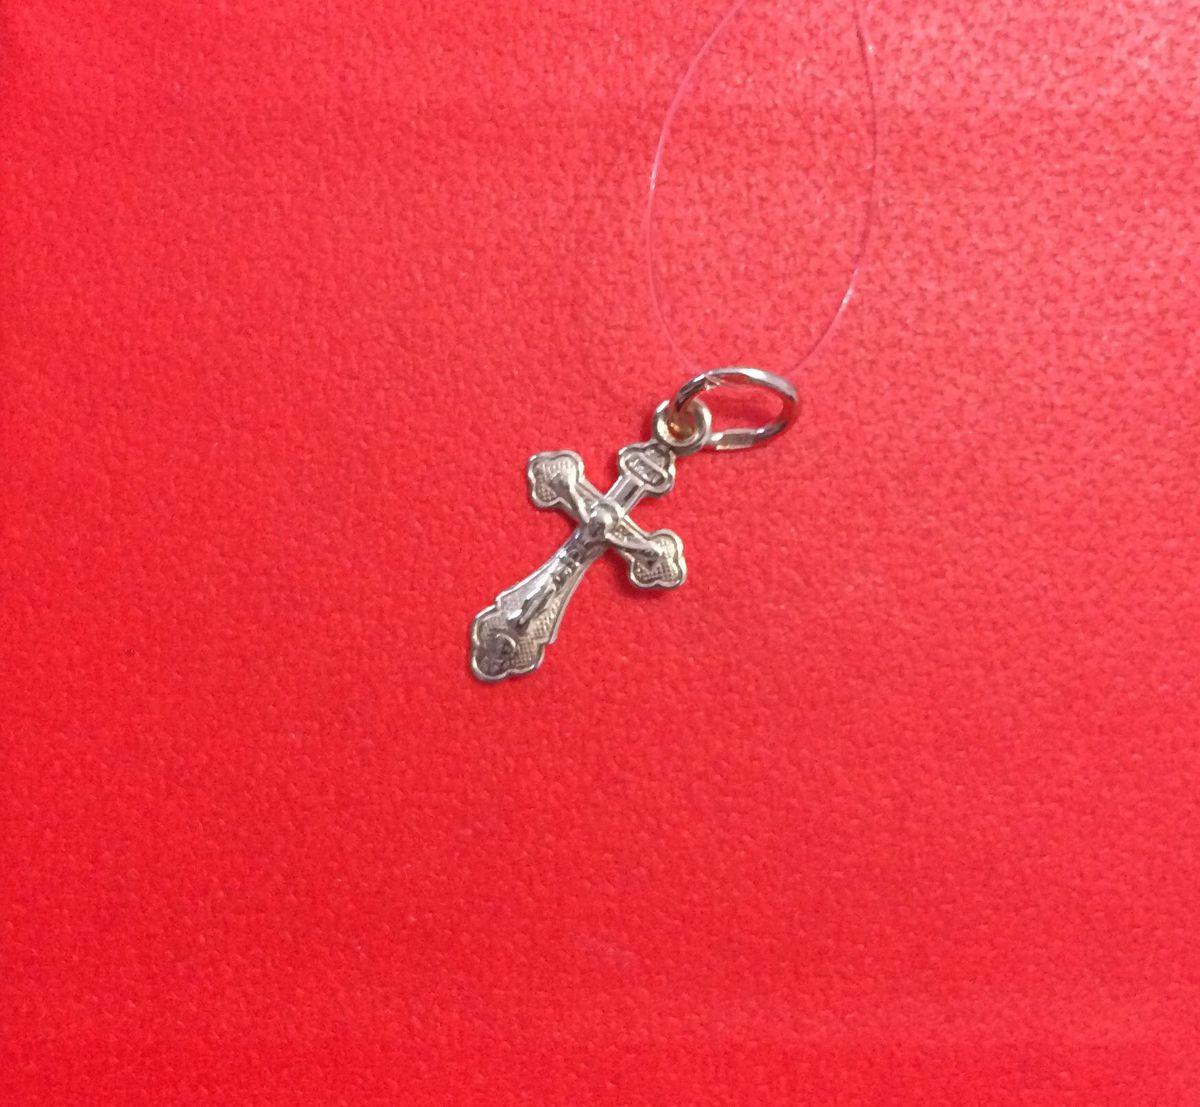 Прекрасный подарок на крестины для малышки)))